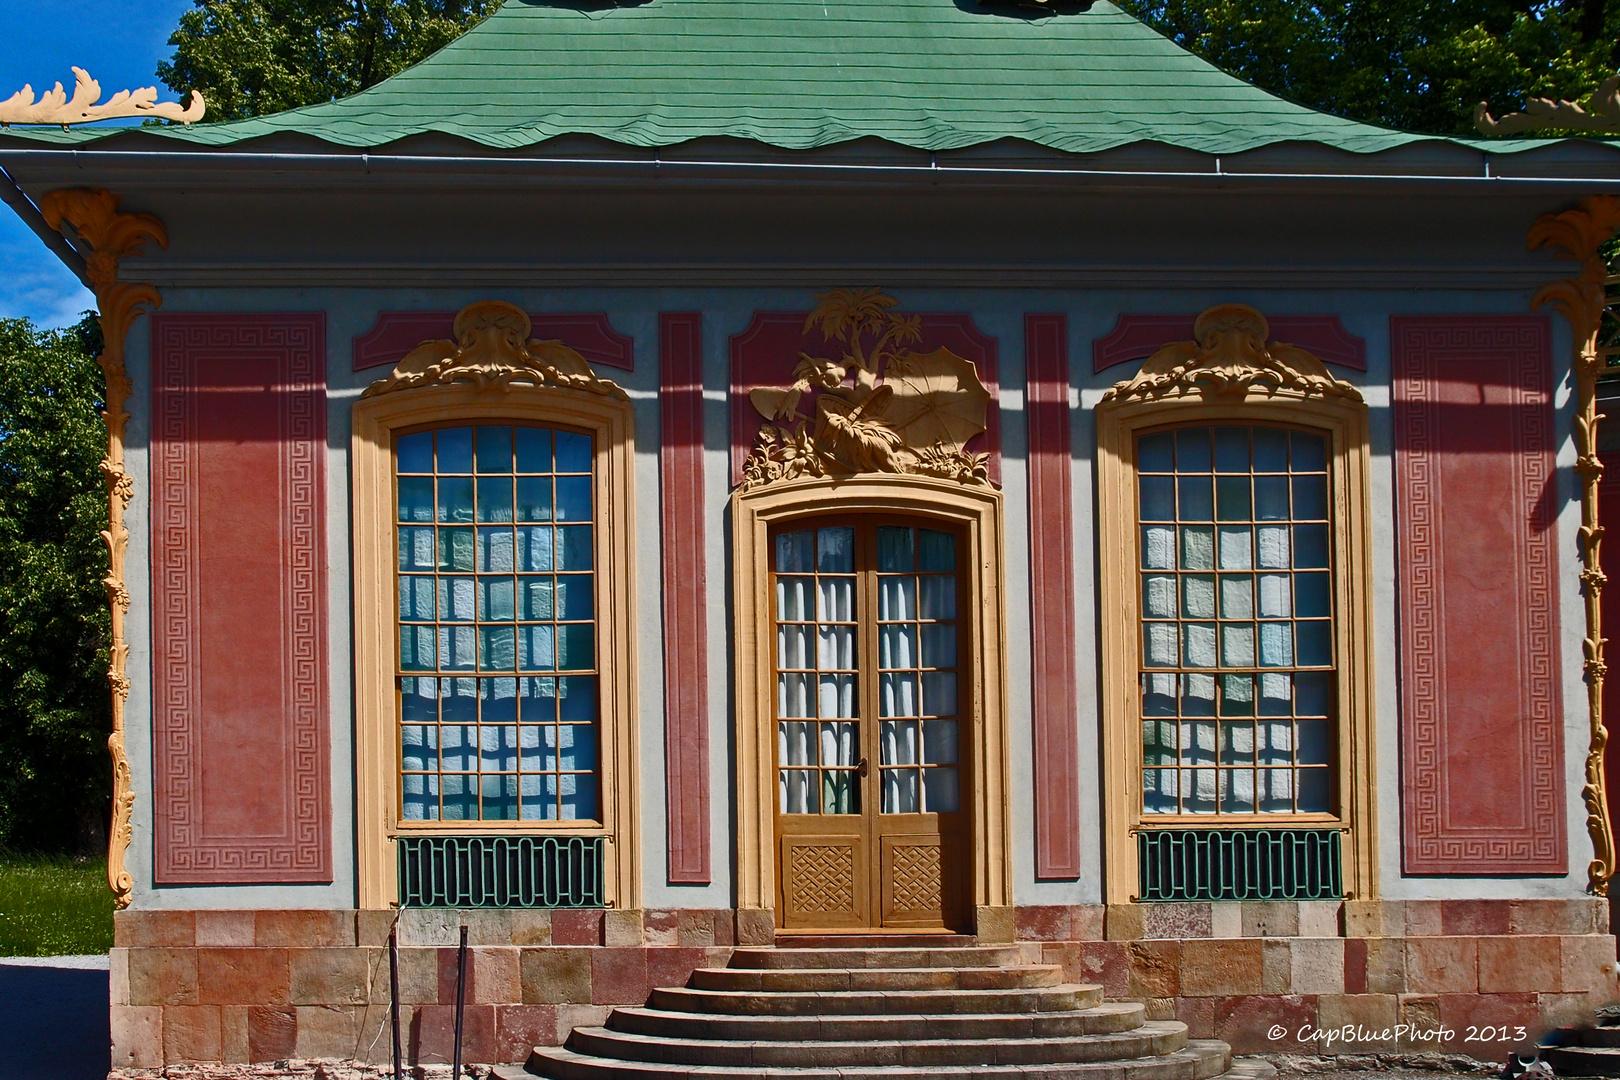 Chinesischer Pavillion in Schloß Drottningholm